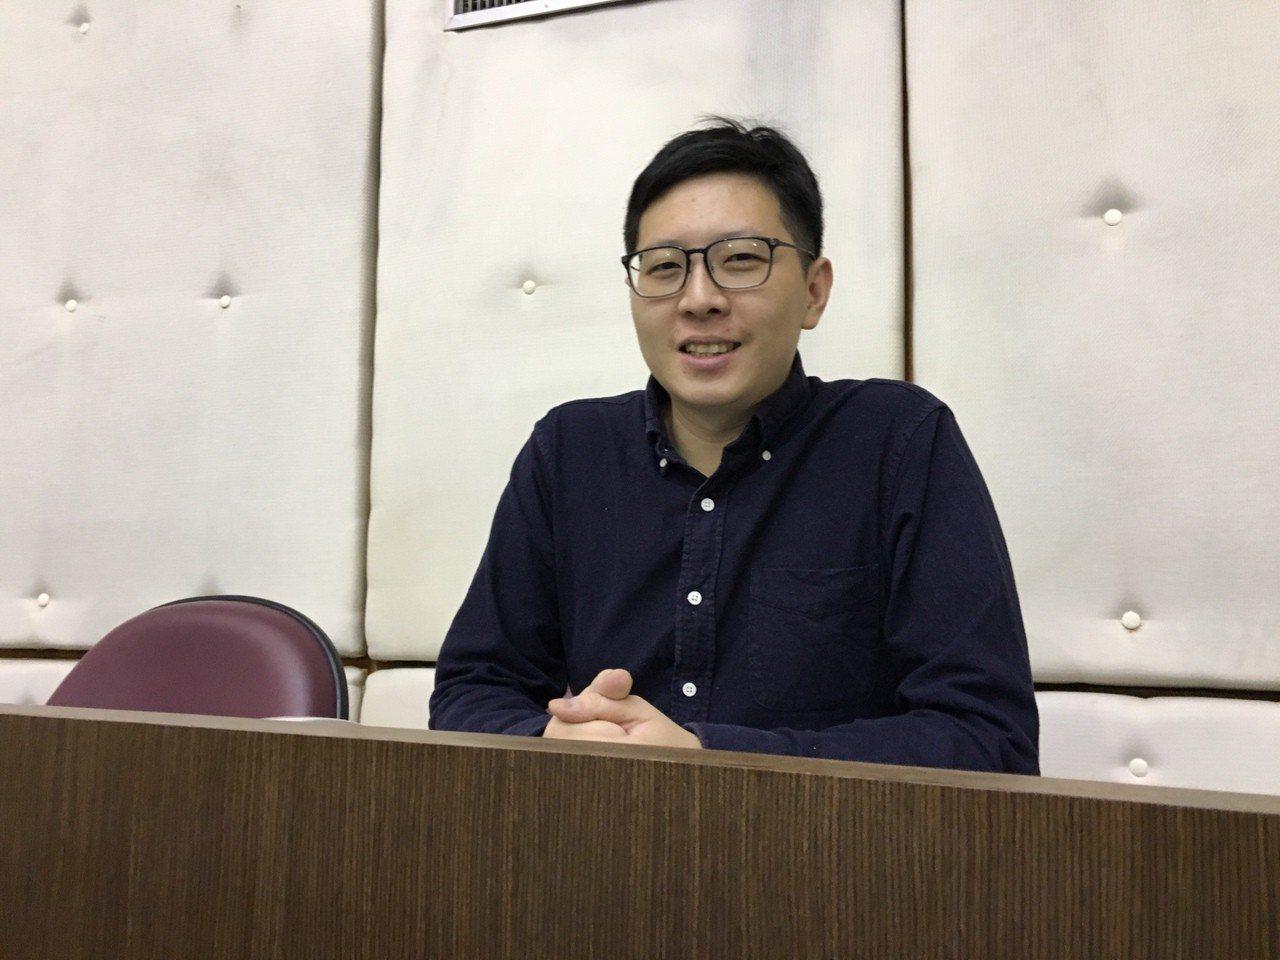 綠黨市議員王浩宇認為詹江村多次針對錄音檔一事提出質疑,相當無聊。記者張裕珍/攝影